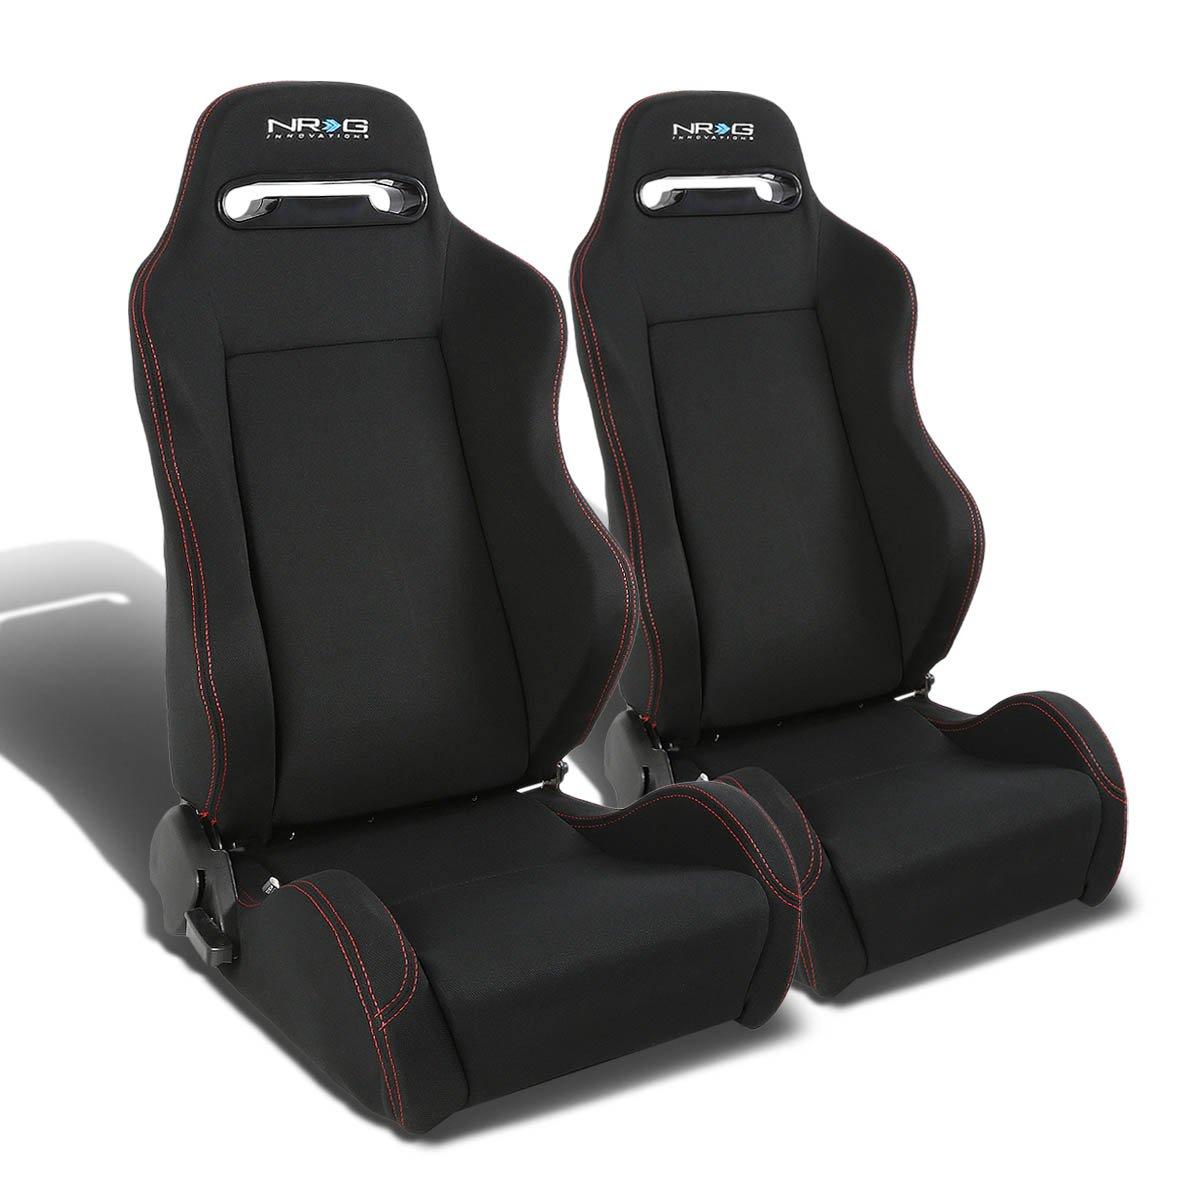 Pair of RSTRLGBK Racing Seats+Mounting Bracket for Jeep Wrangler TJ